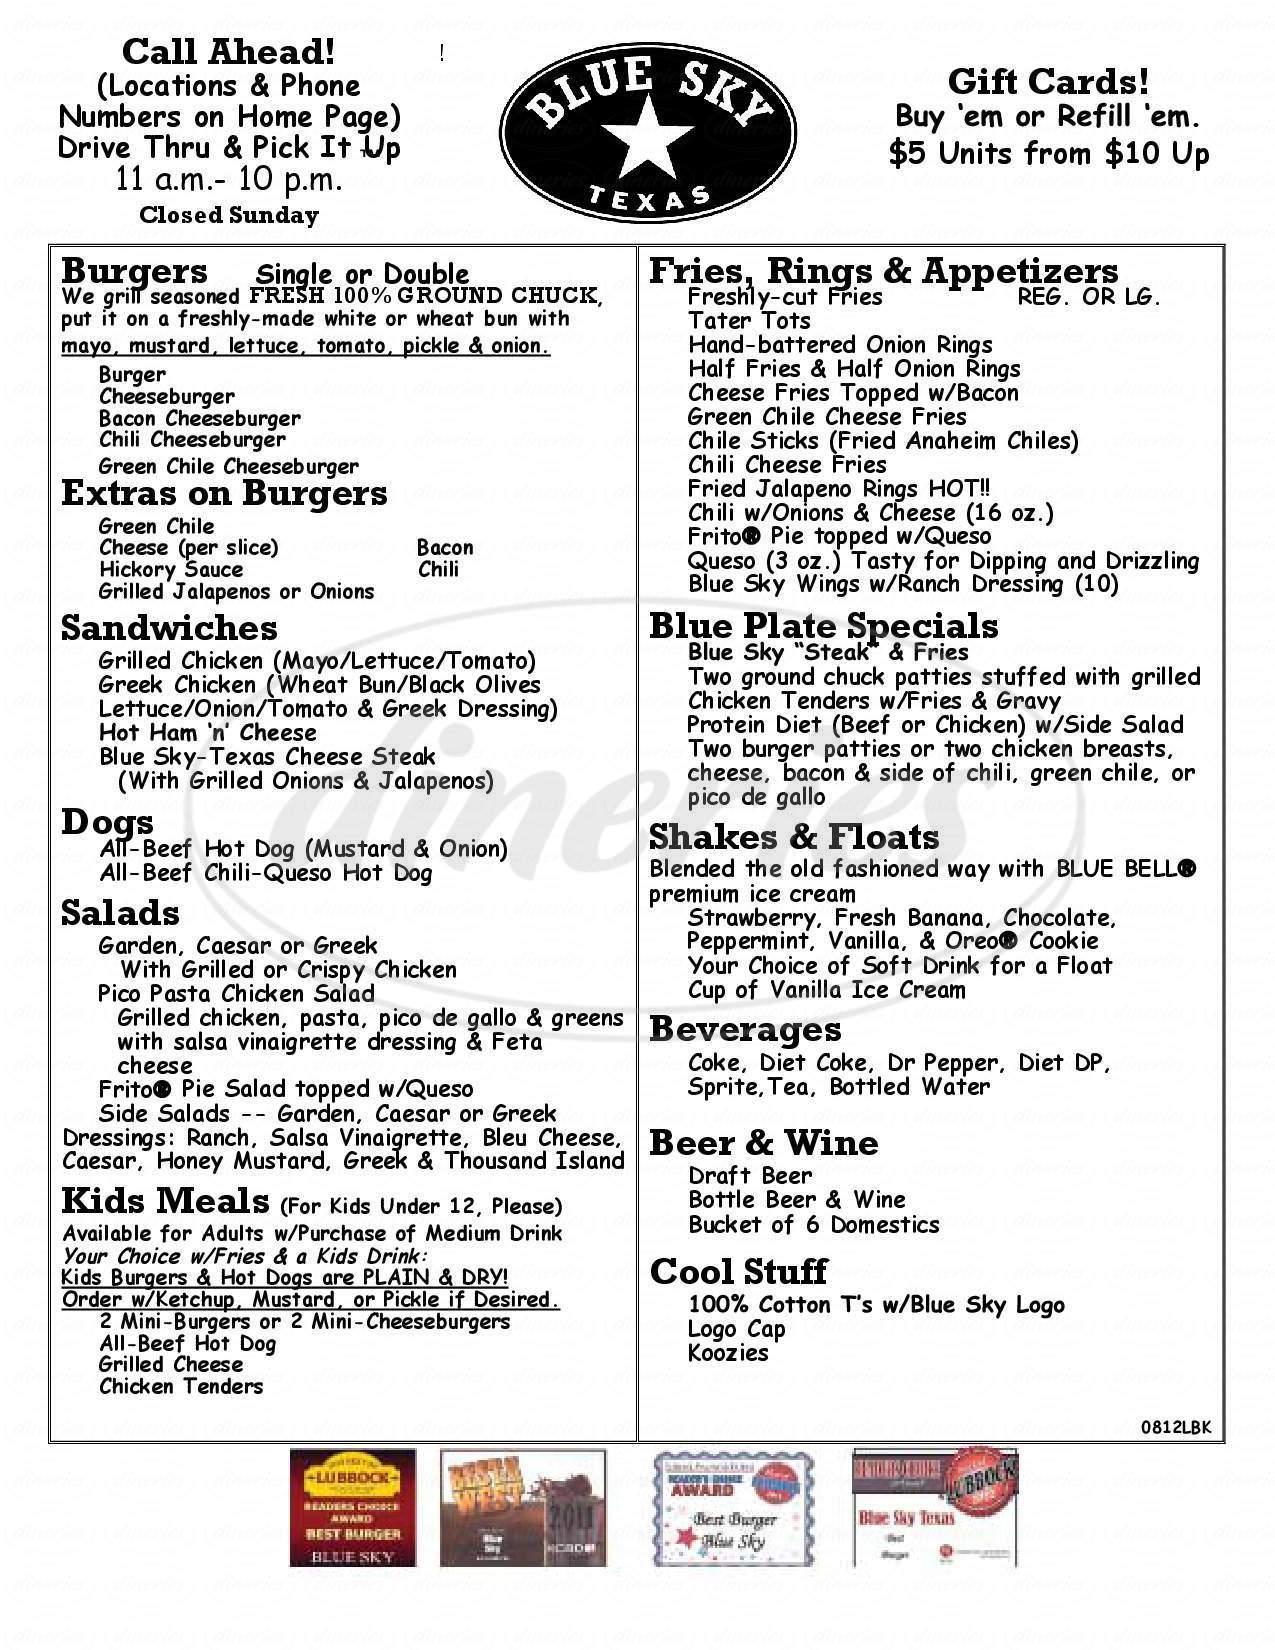 menu for Blue Sky Texas